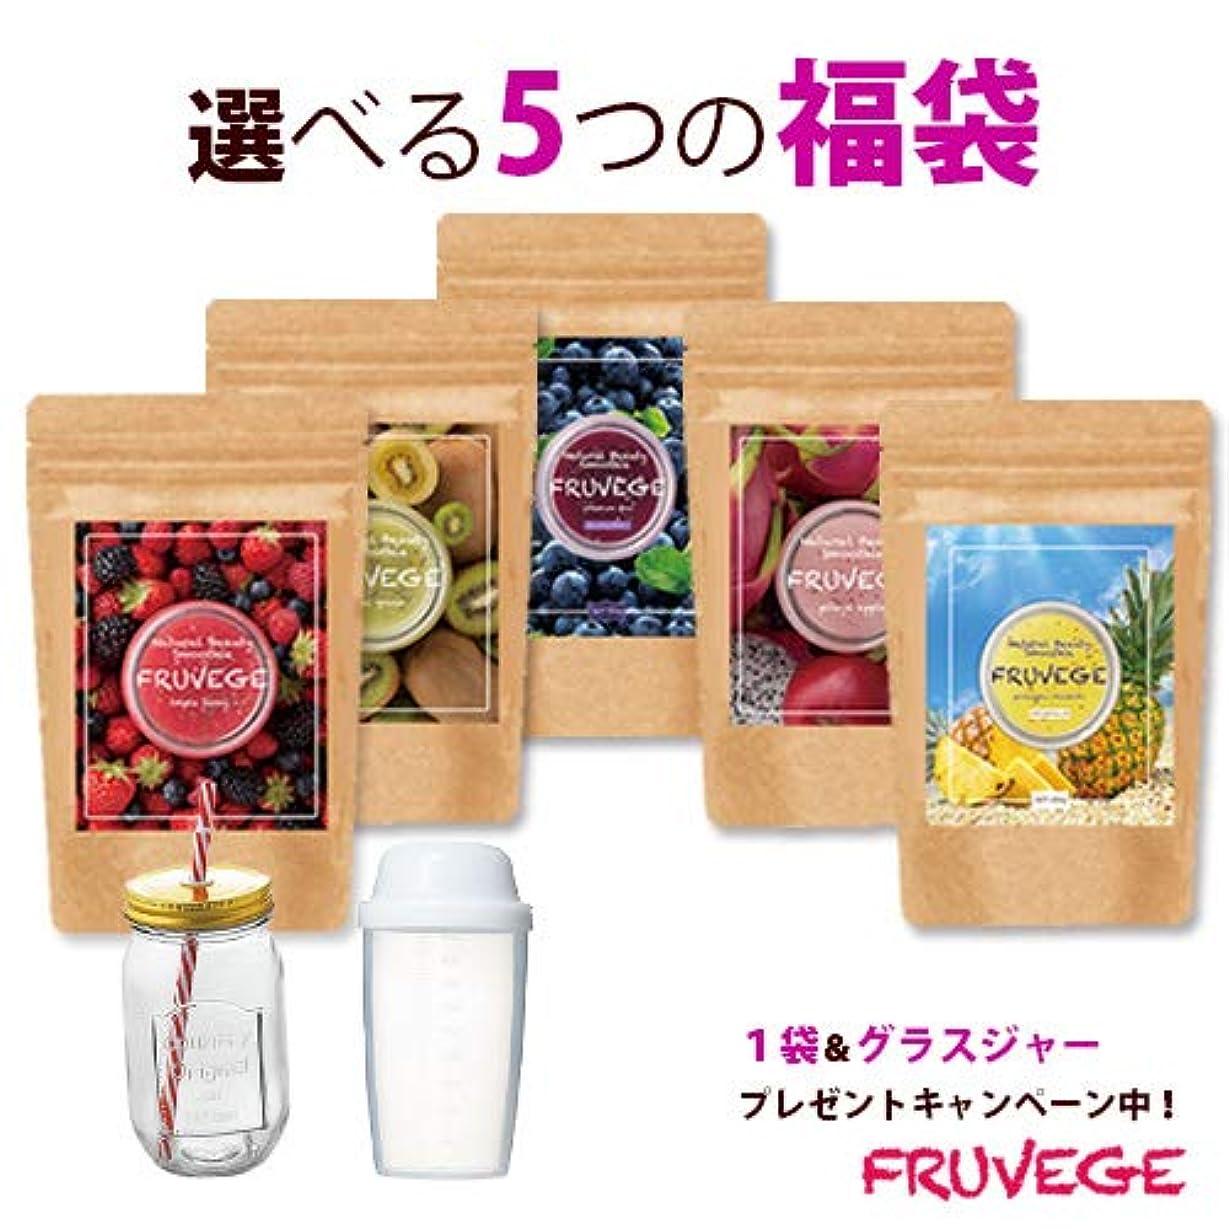 迷惑発表順応性のある[福袋]1袋プレゼント☆チアシード × スムージー(300g×5袋 約250杯分)フルベジ アサイー パイナップル ベリー ピタヤ ダイエット食品 置き換え ダイエット 酵素 粉末